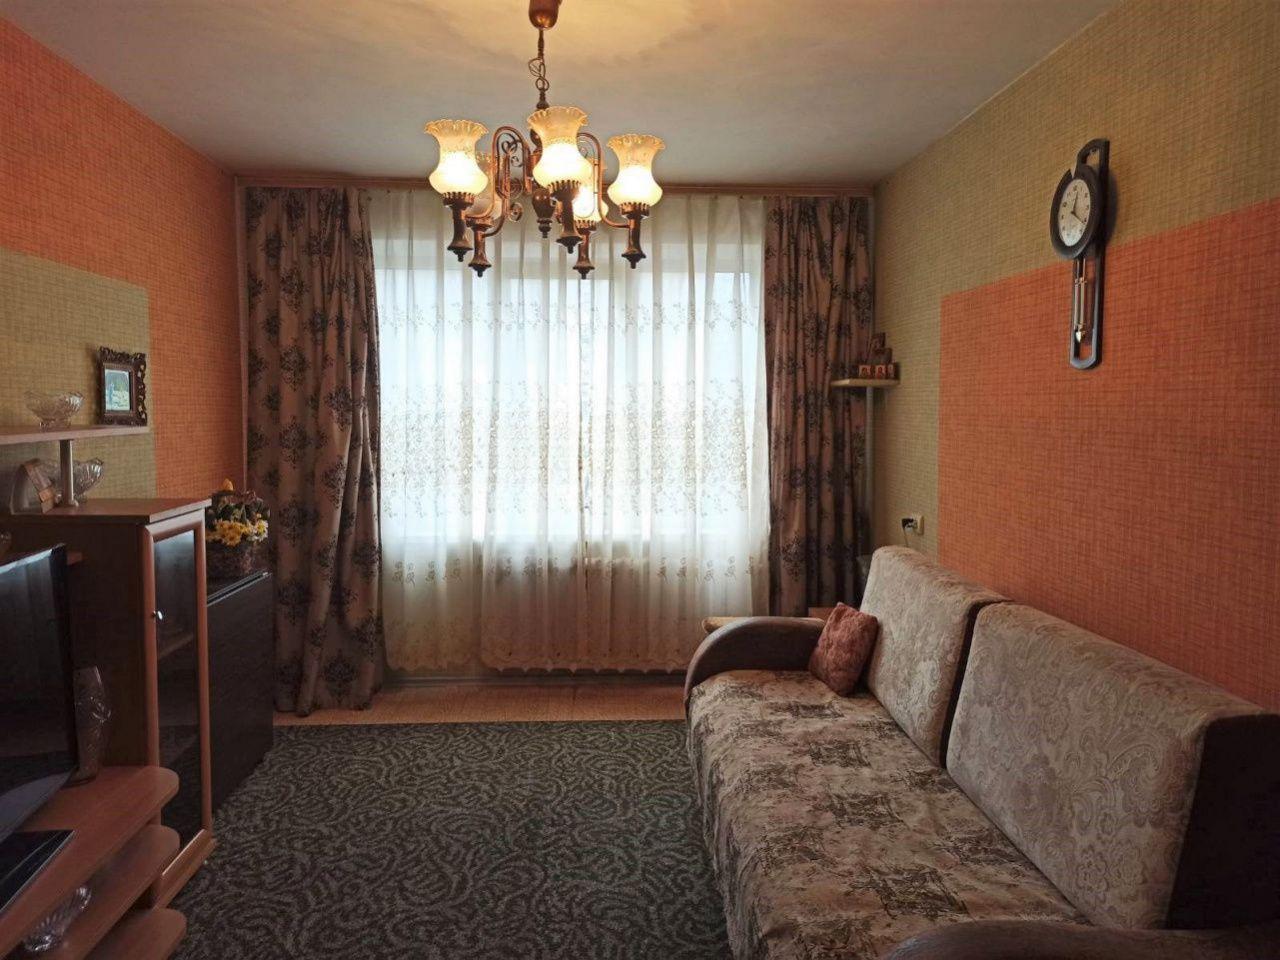 г. Владимир, Безыменского ул., 21А, 3-к. квартира на продажу